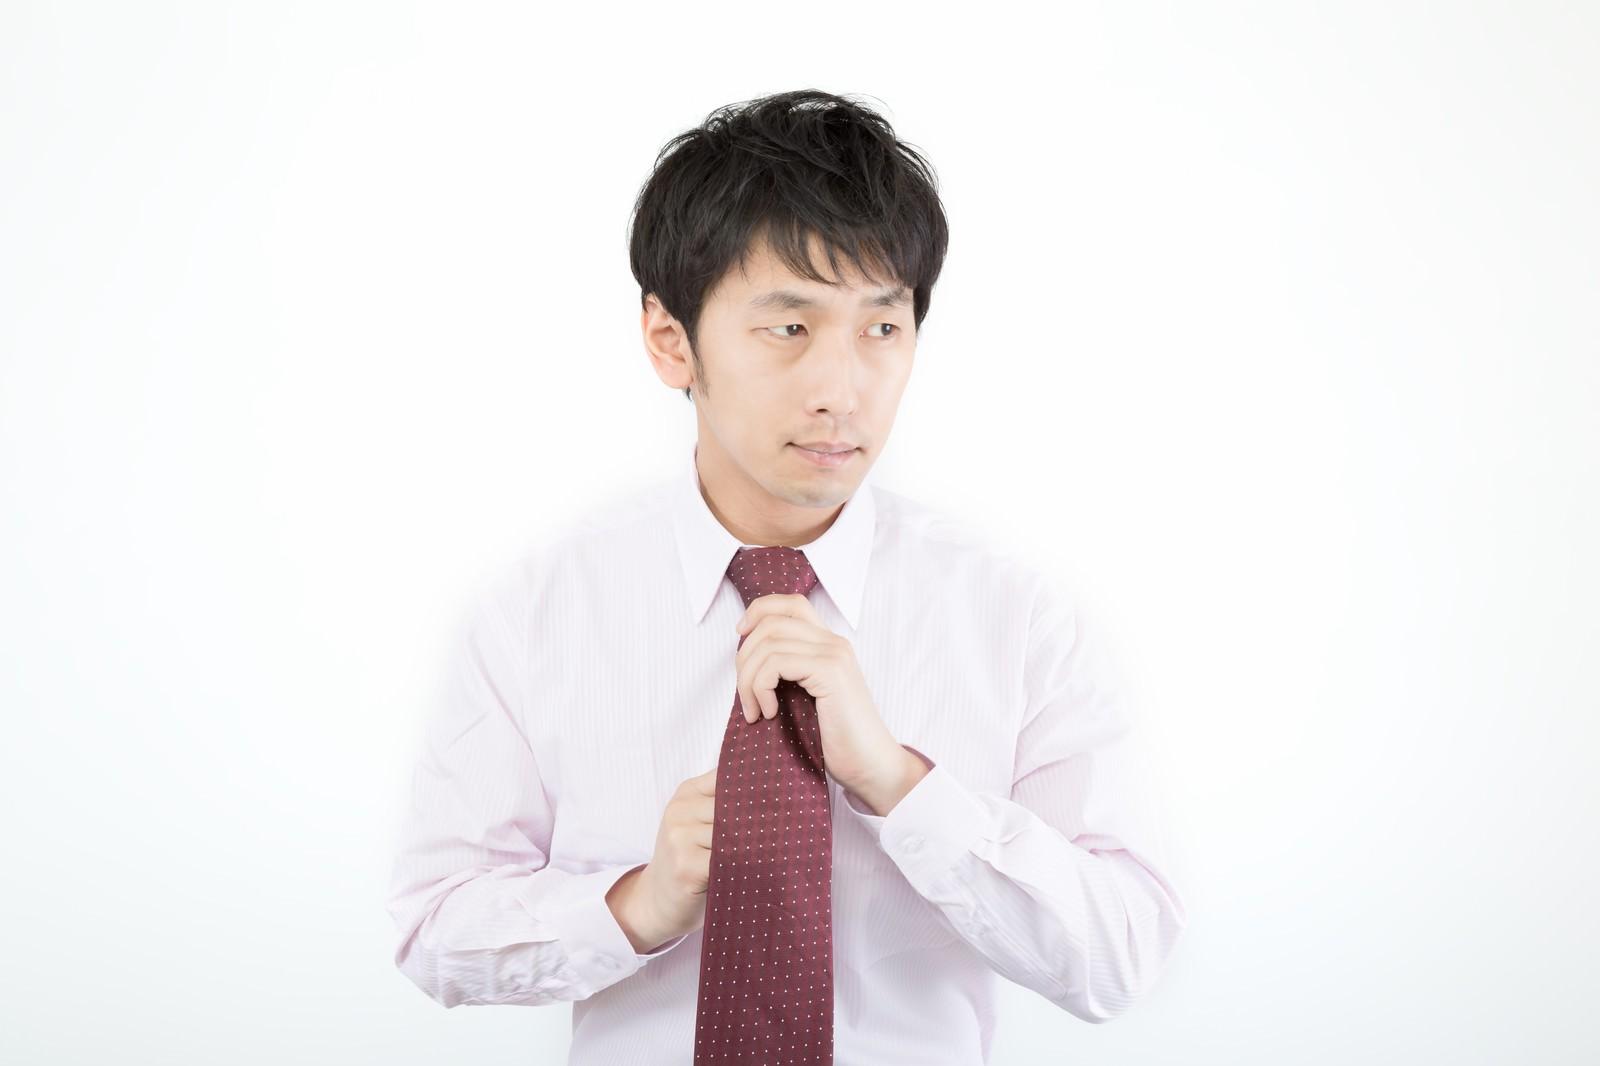 「ネクタイを締める広告代理店勤務の新入社員 | 写真の無料素材・フリー素材 - ぱくたそ」の写真[モデル:大川竜弥]